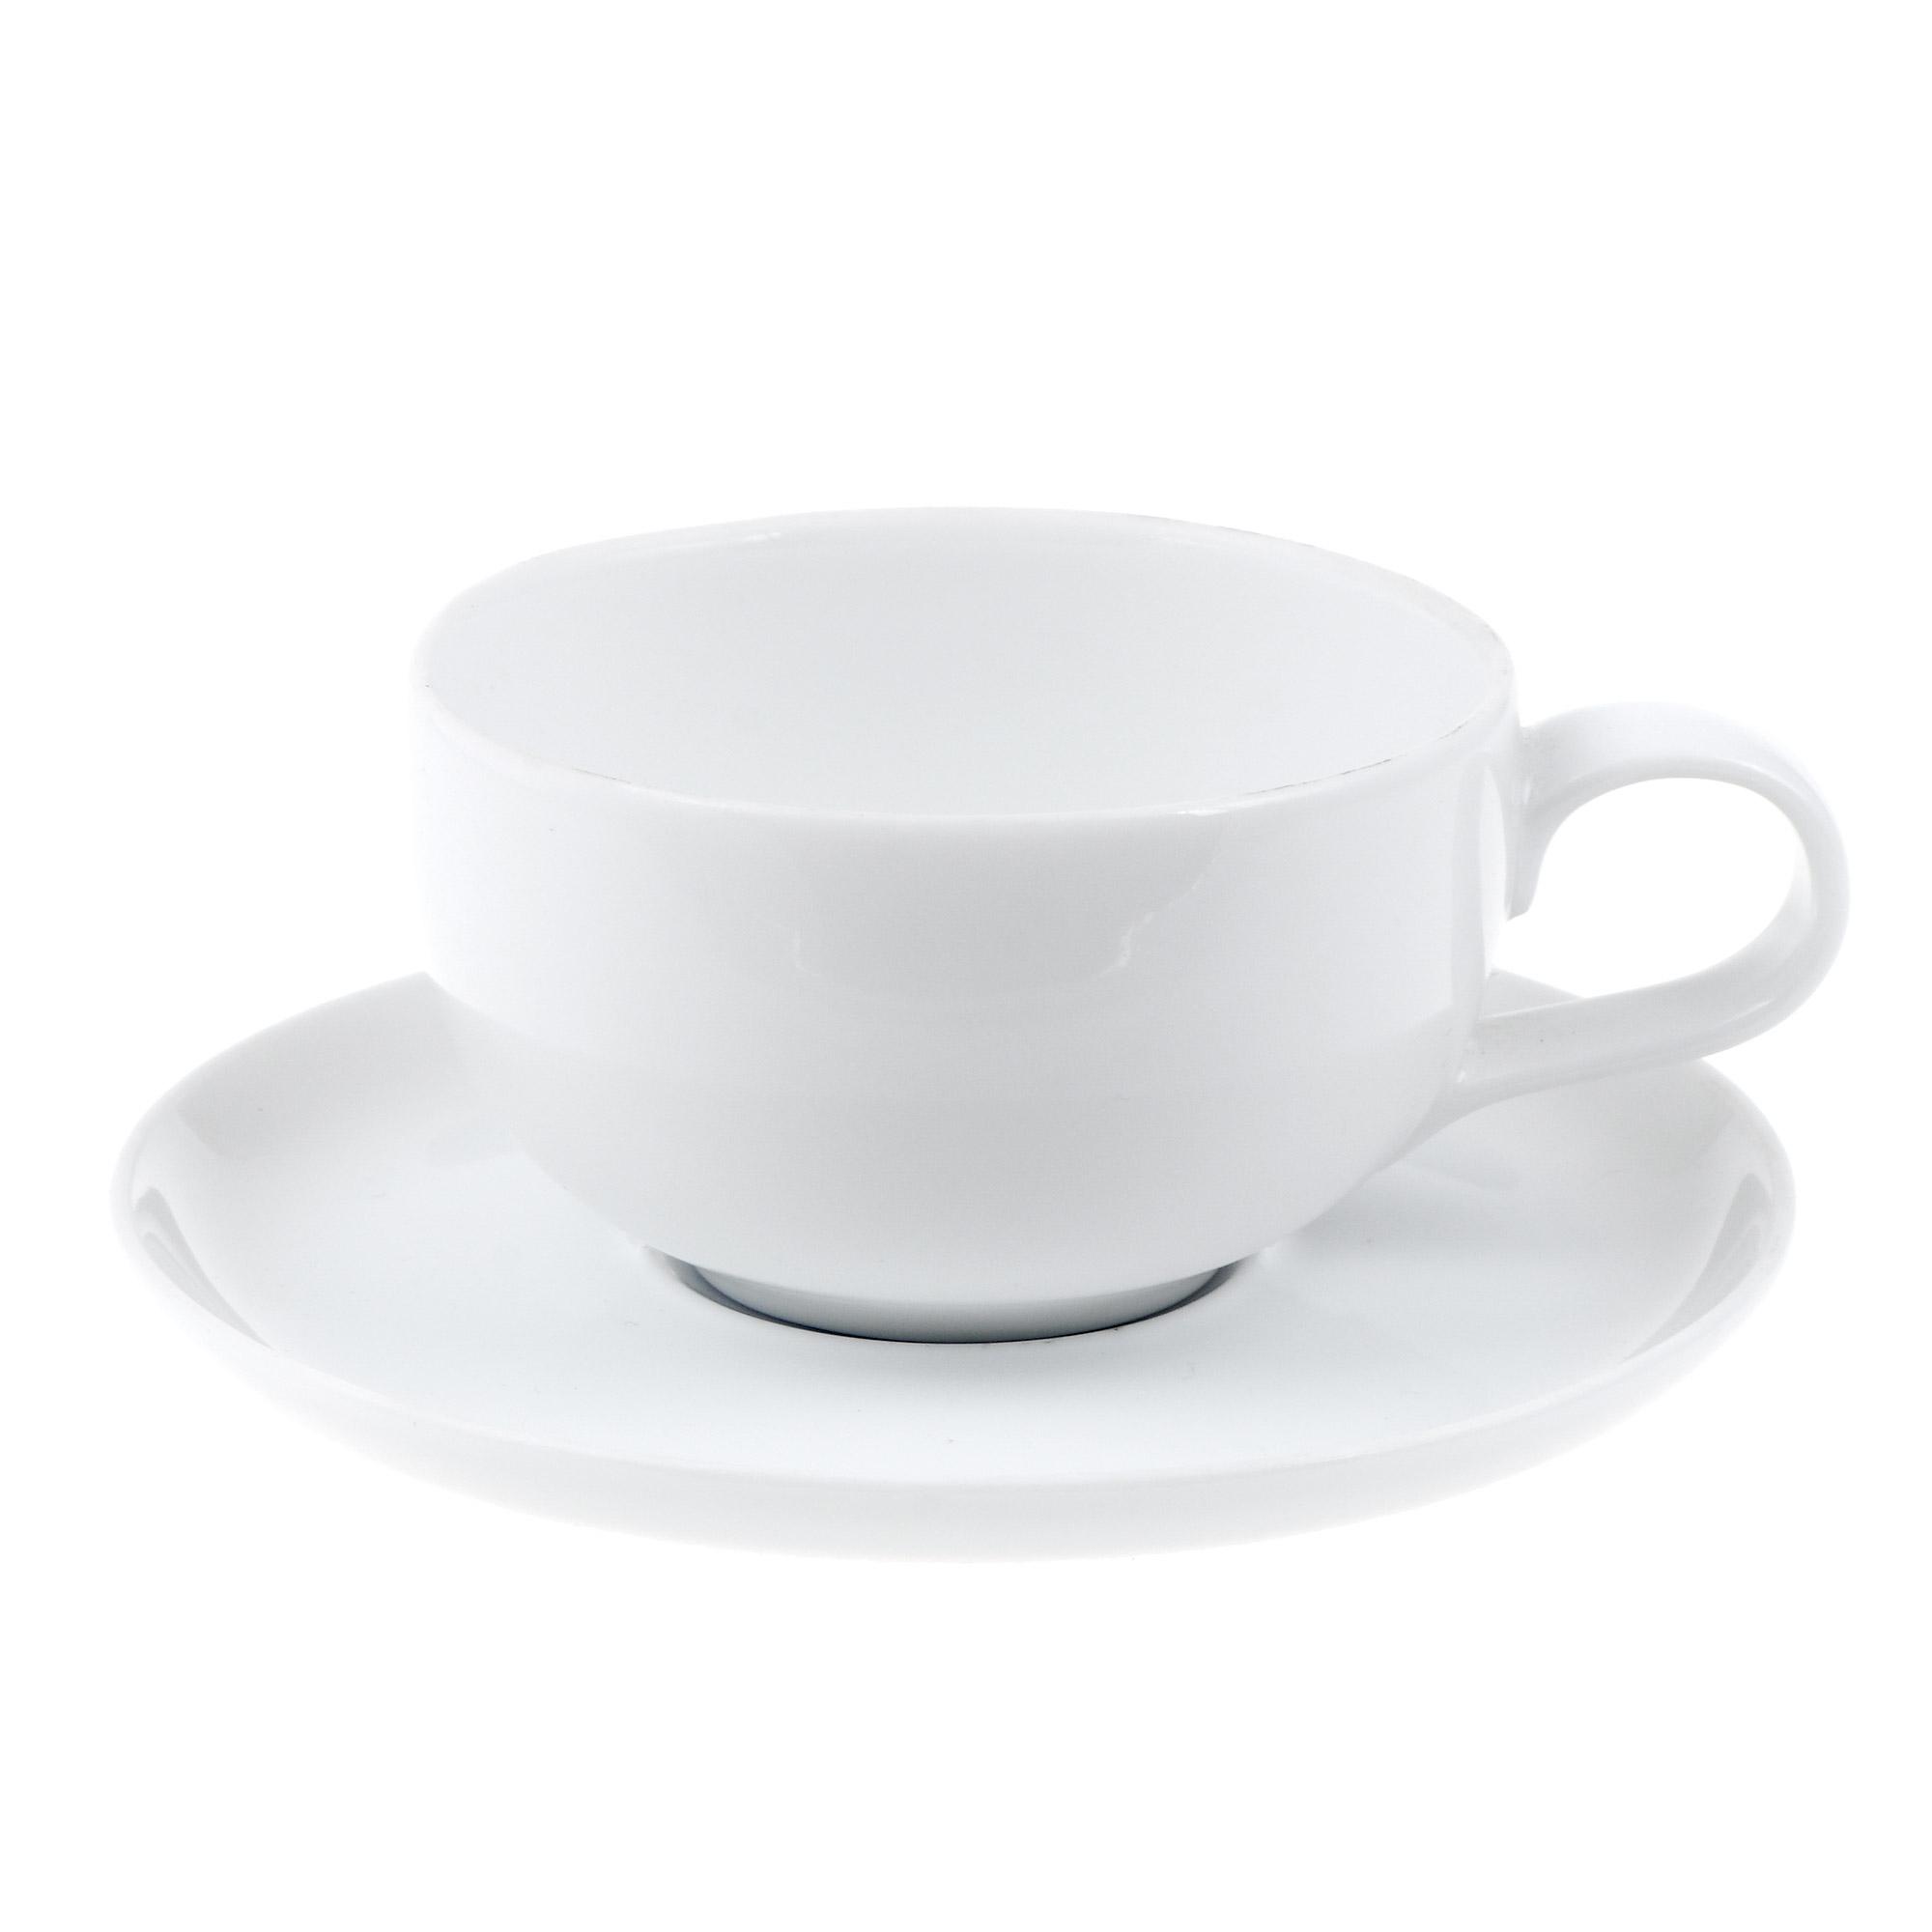 Фото - Чашка чайная с блюдцем 100мл выбор Portmeirion/портмейрион (белая) чашка чайная taika белая